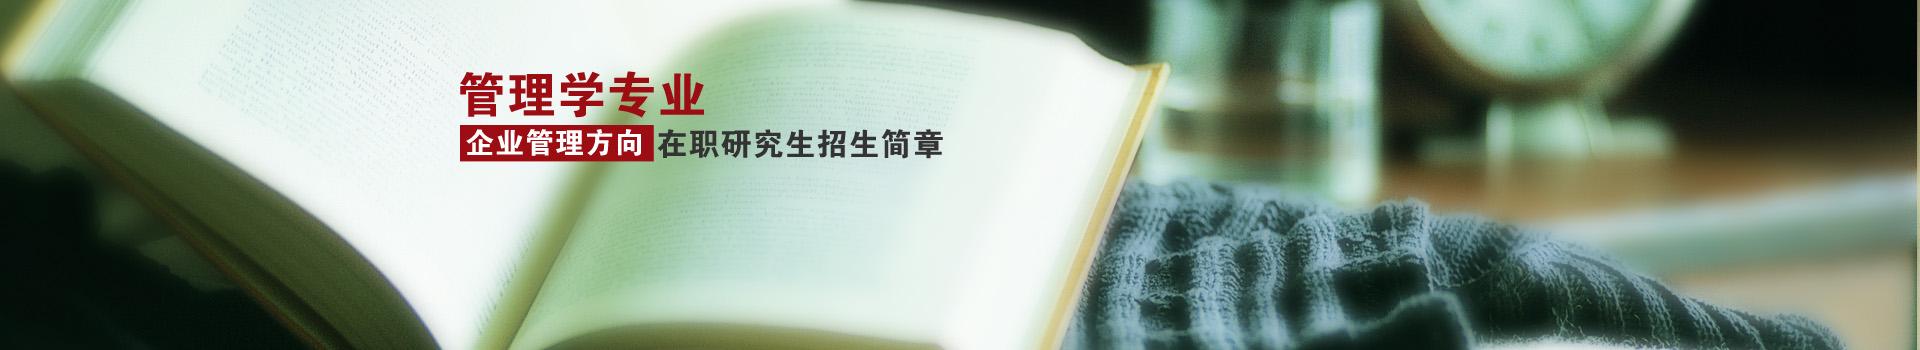 山东大学管理学专业(企业管理方向)在职研究生招生简章